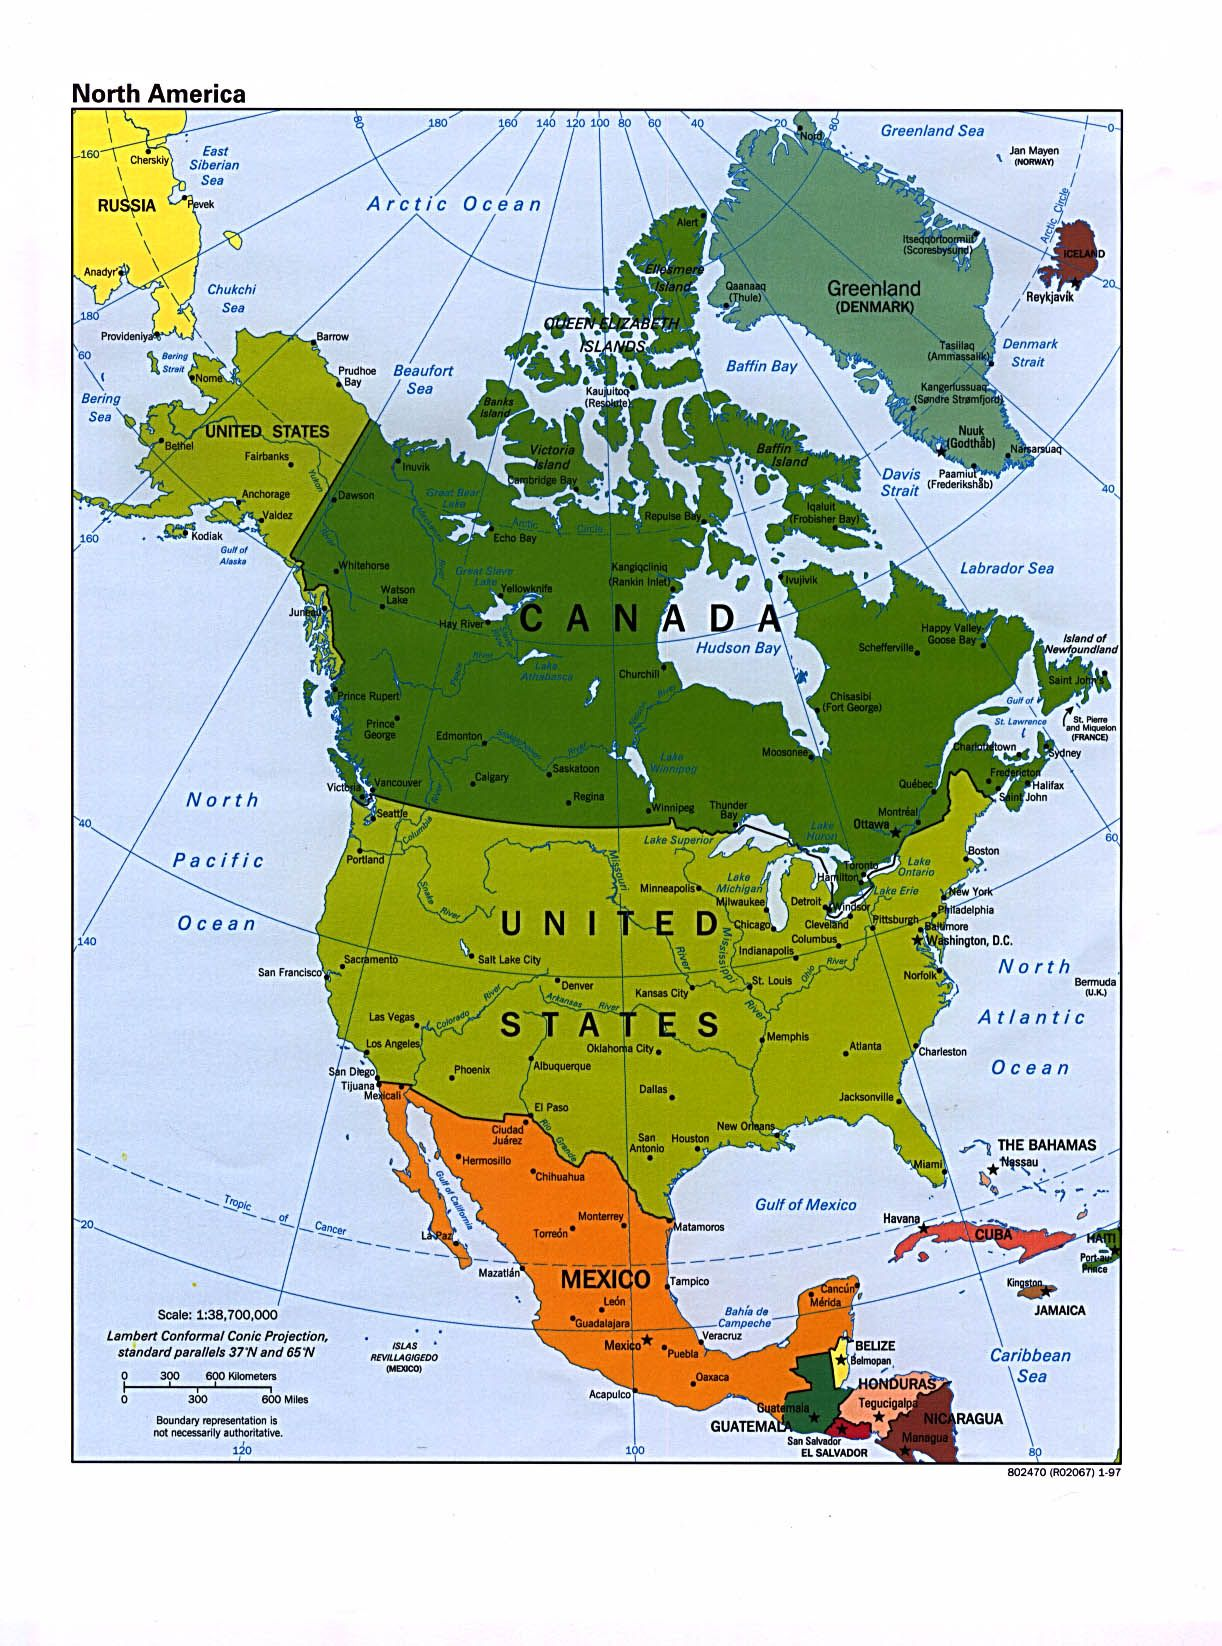 UBICACION DE CANADA EN NORTEAMERICA - Mapa Político de América del ...